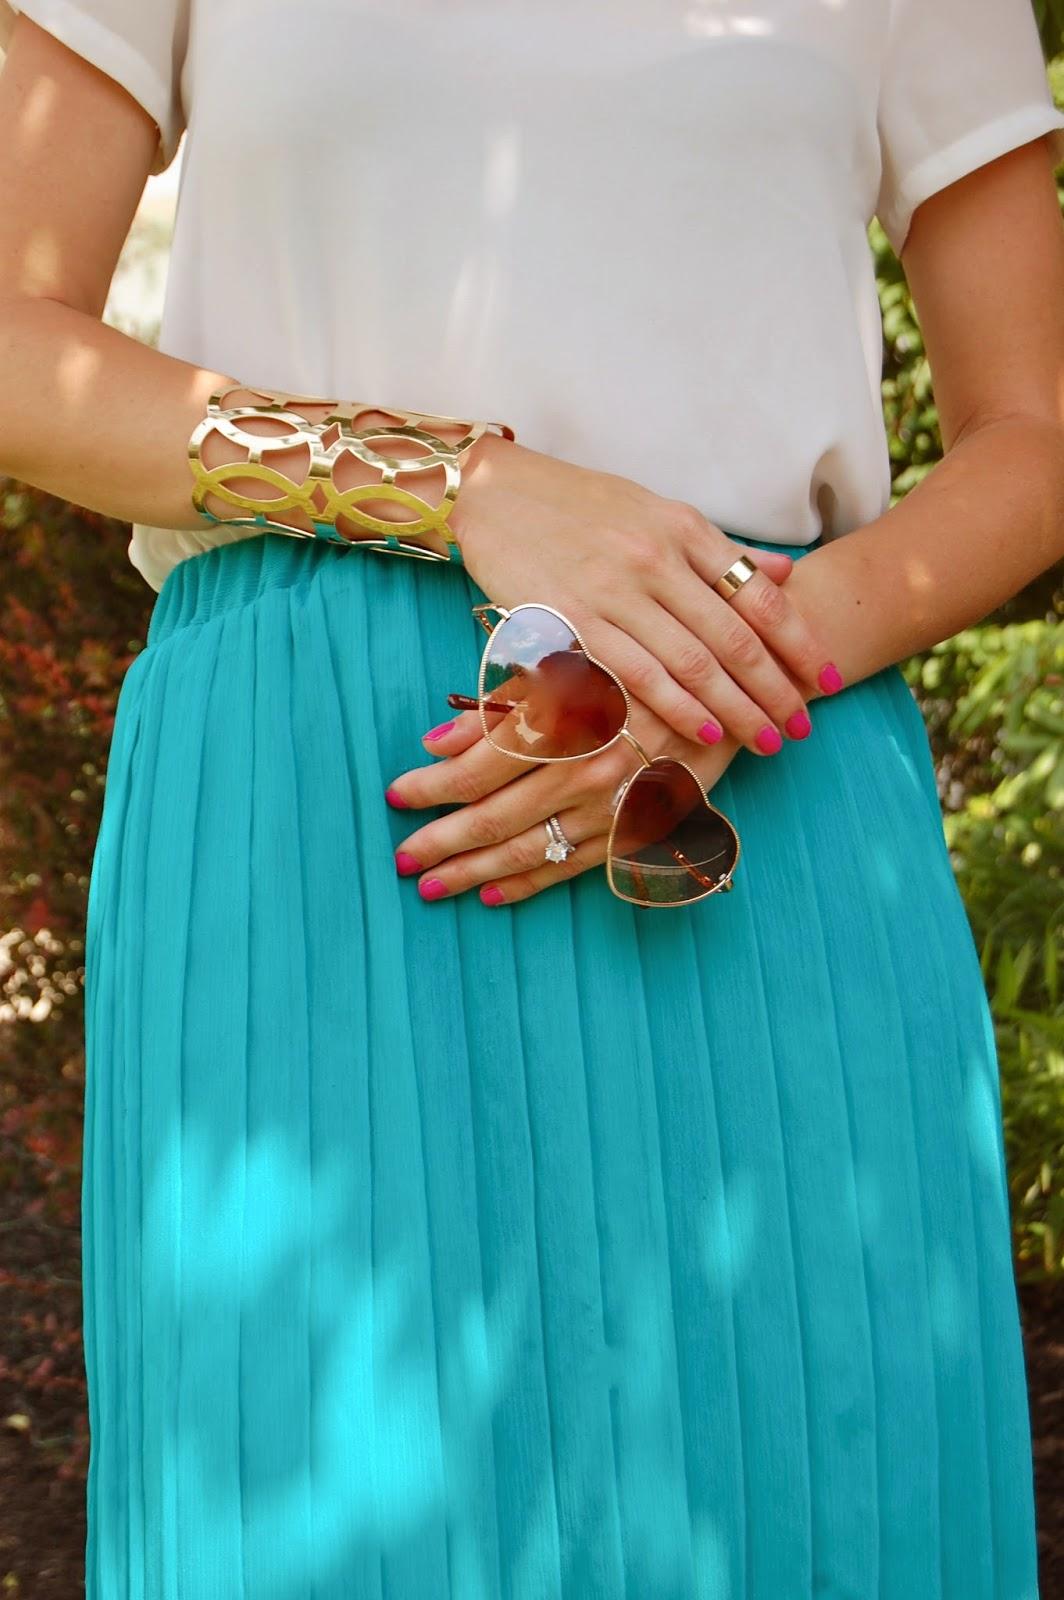 Wearing Trust Fund Beauty Nail Polish, Summer 2014 Nail Polish Colors